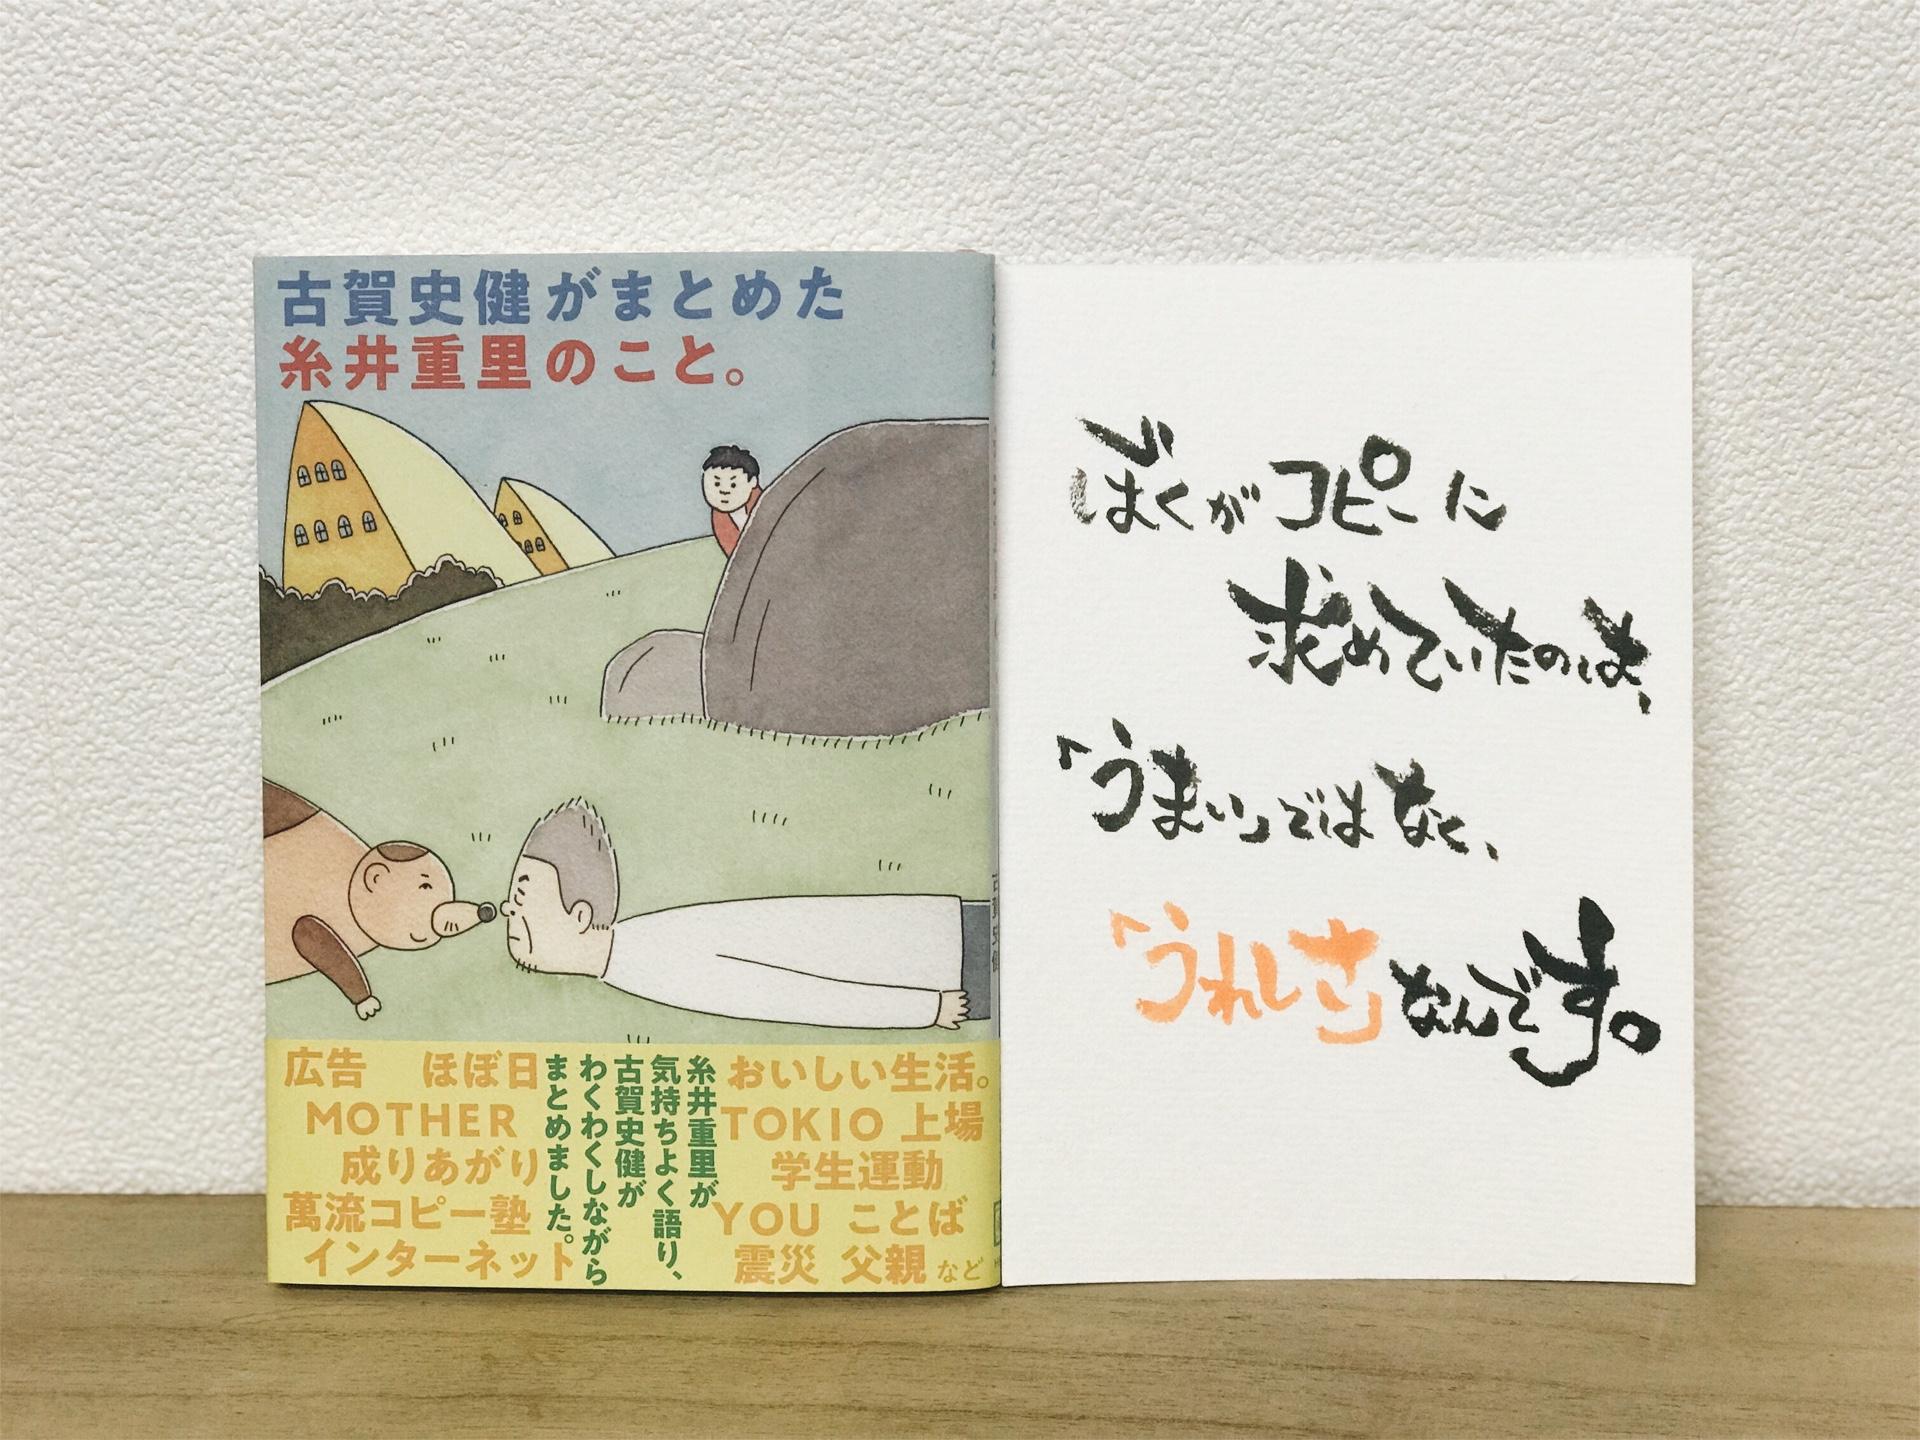 『古賀史健がまとめた糸井重里のこと。』本